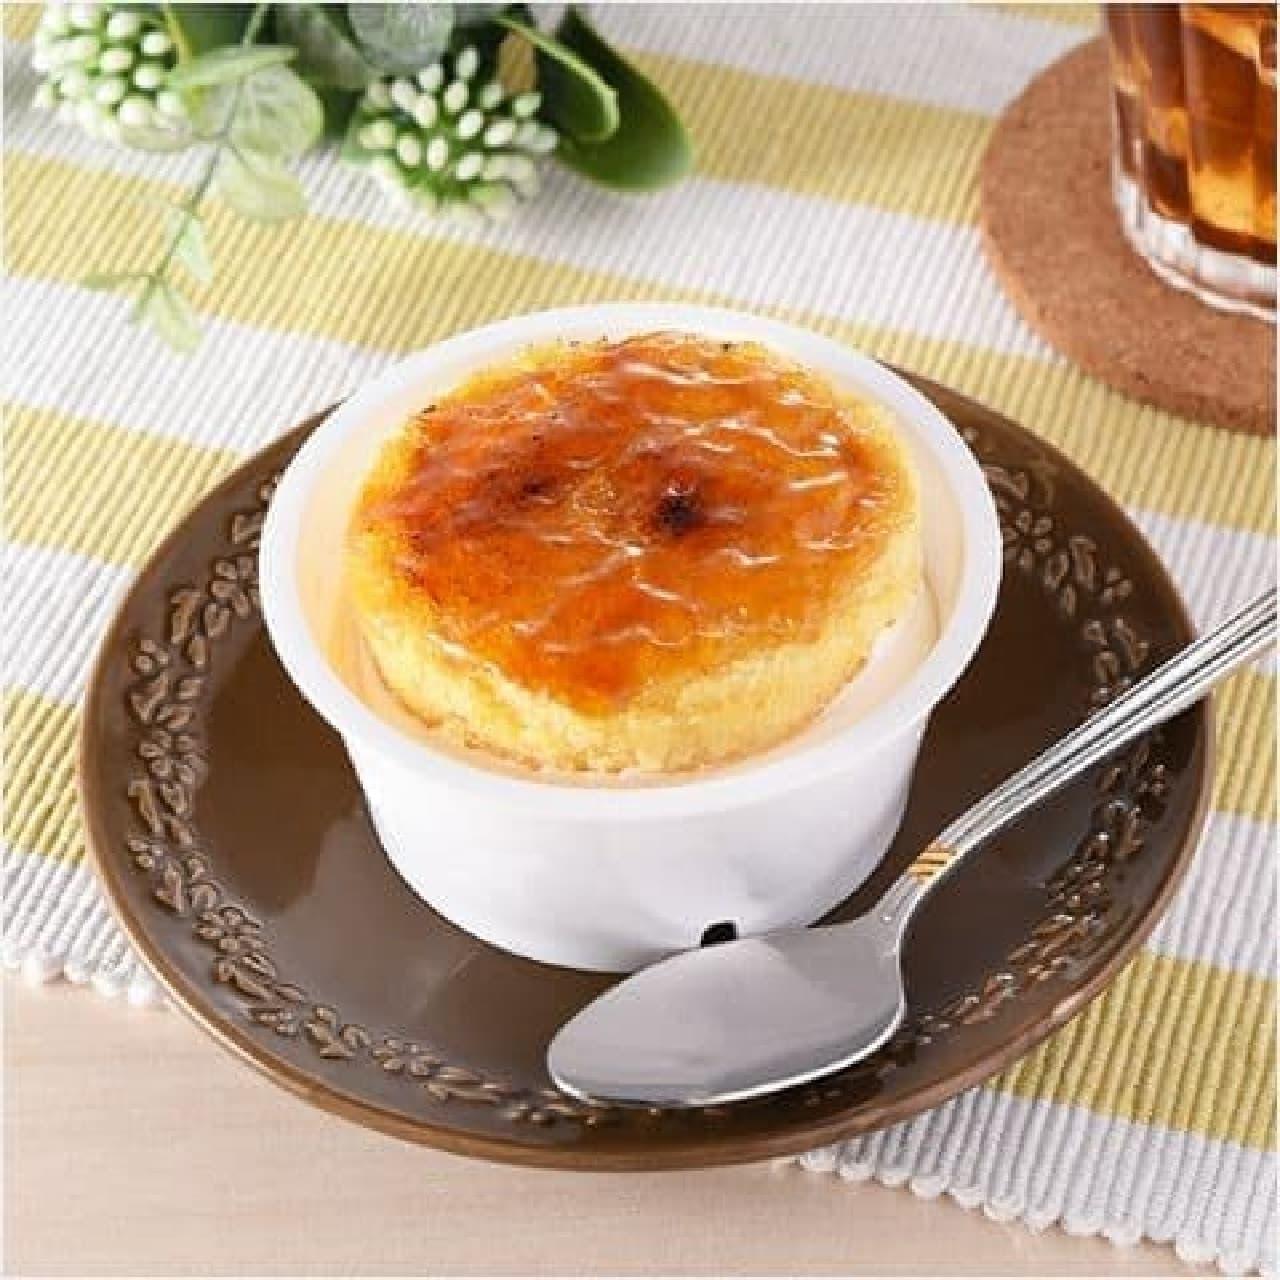 ファミリーマート「北海道チーズのブリュレチーズケーキ」